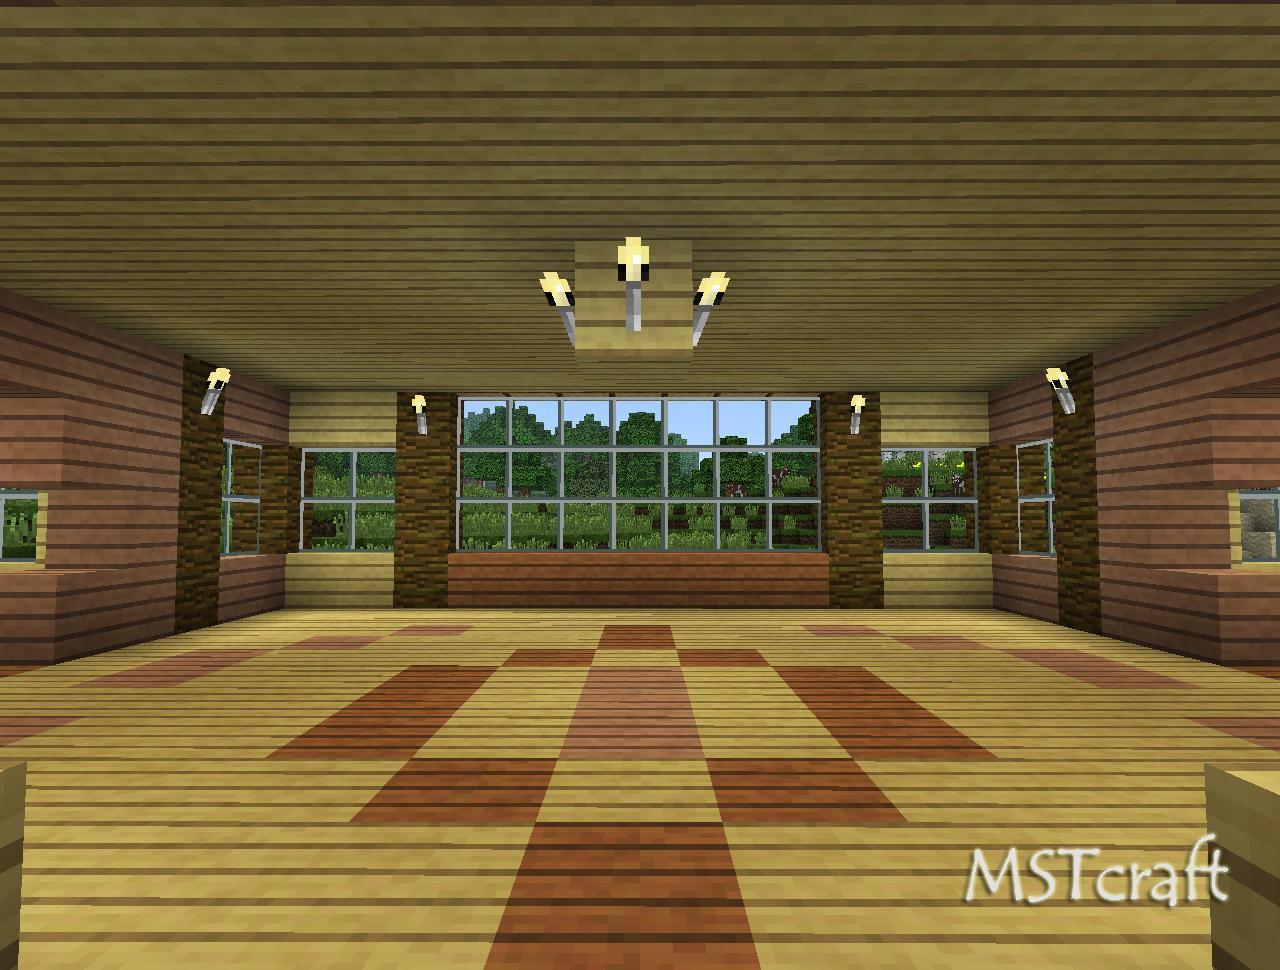 http://img.niceminecraft.net/TexturePack/MSTCraft-texture-pack-3.jpg